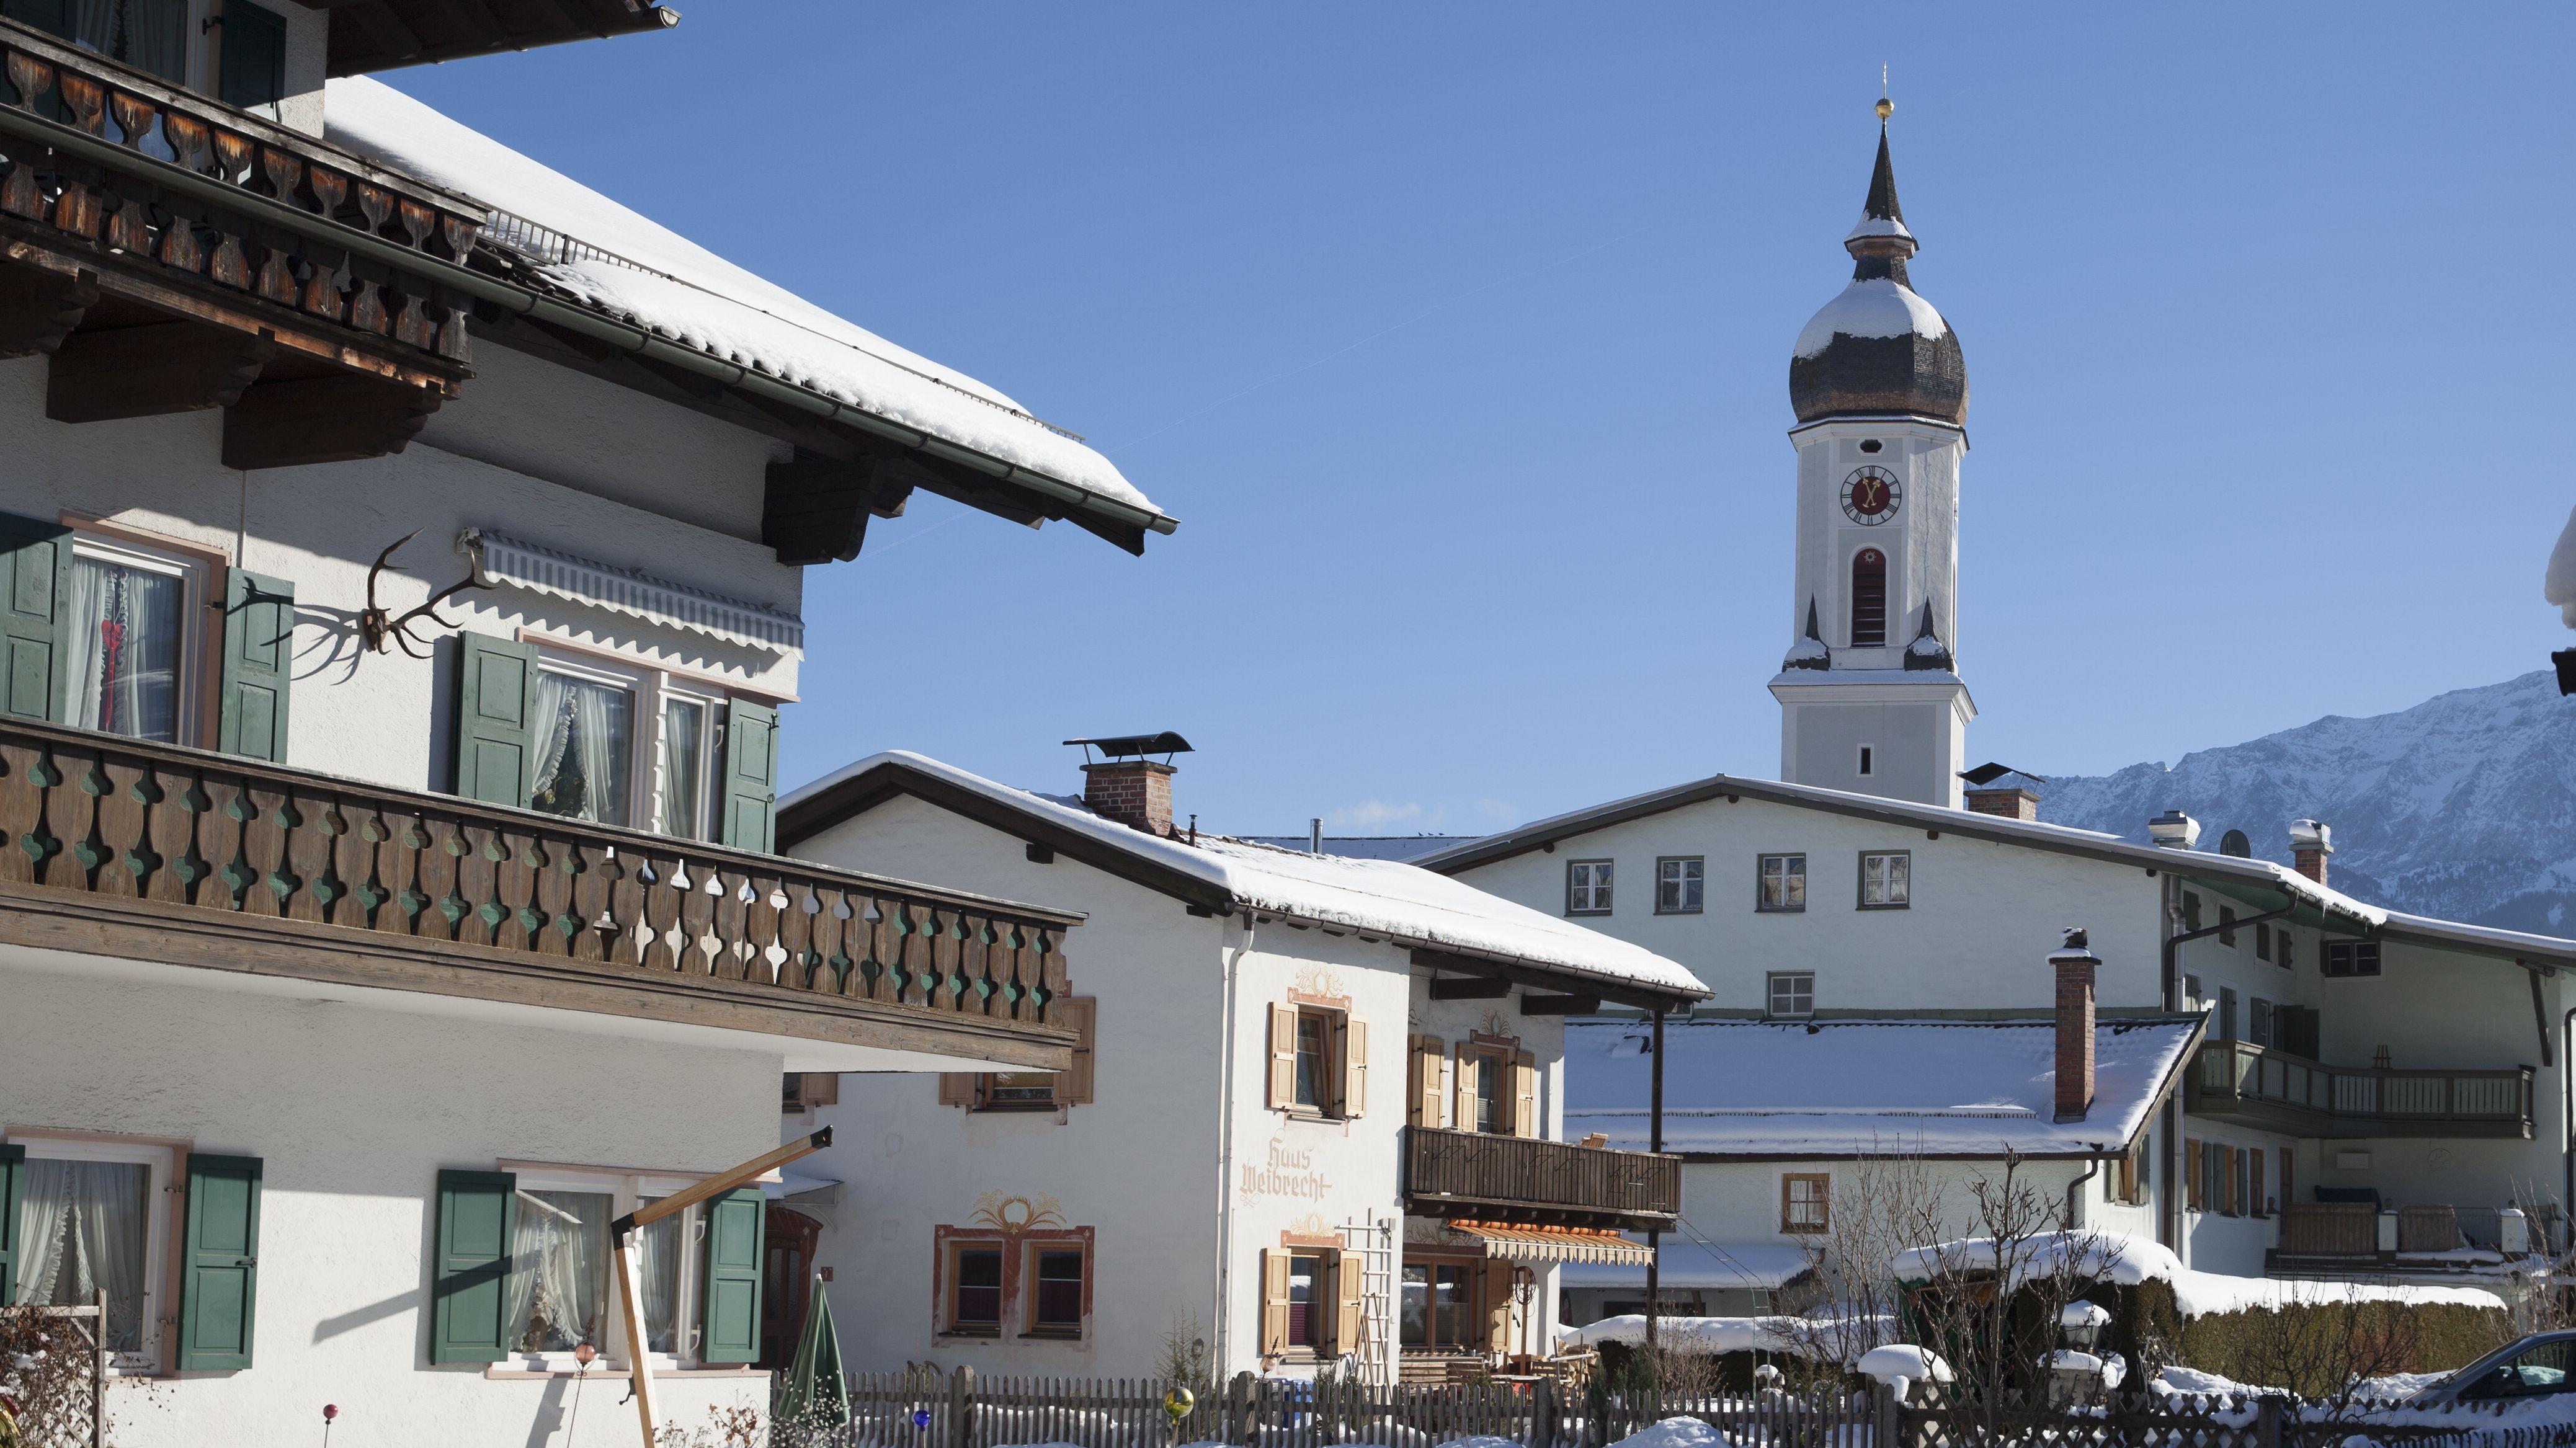 Die Garmischer Sonnenstraße mit der Kirche St. Martin im Winter